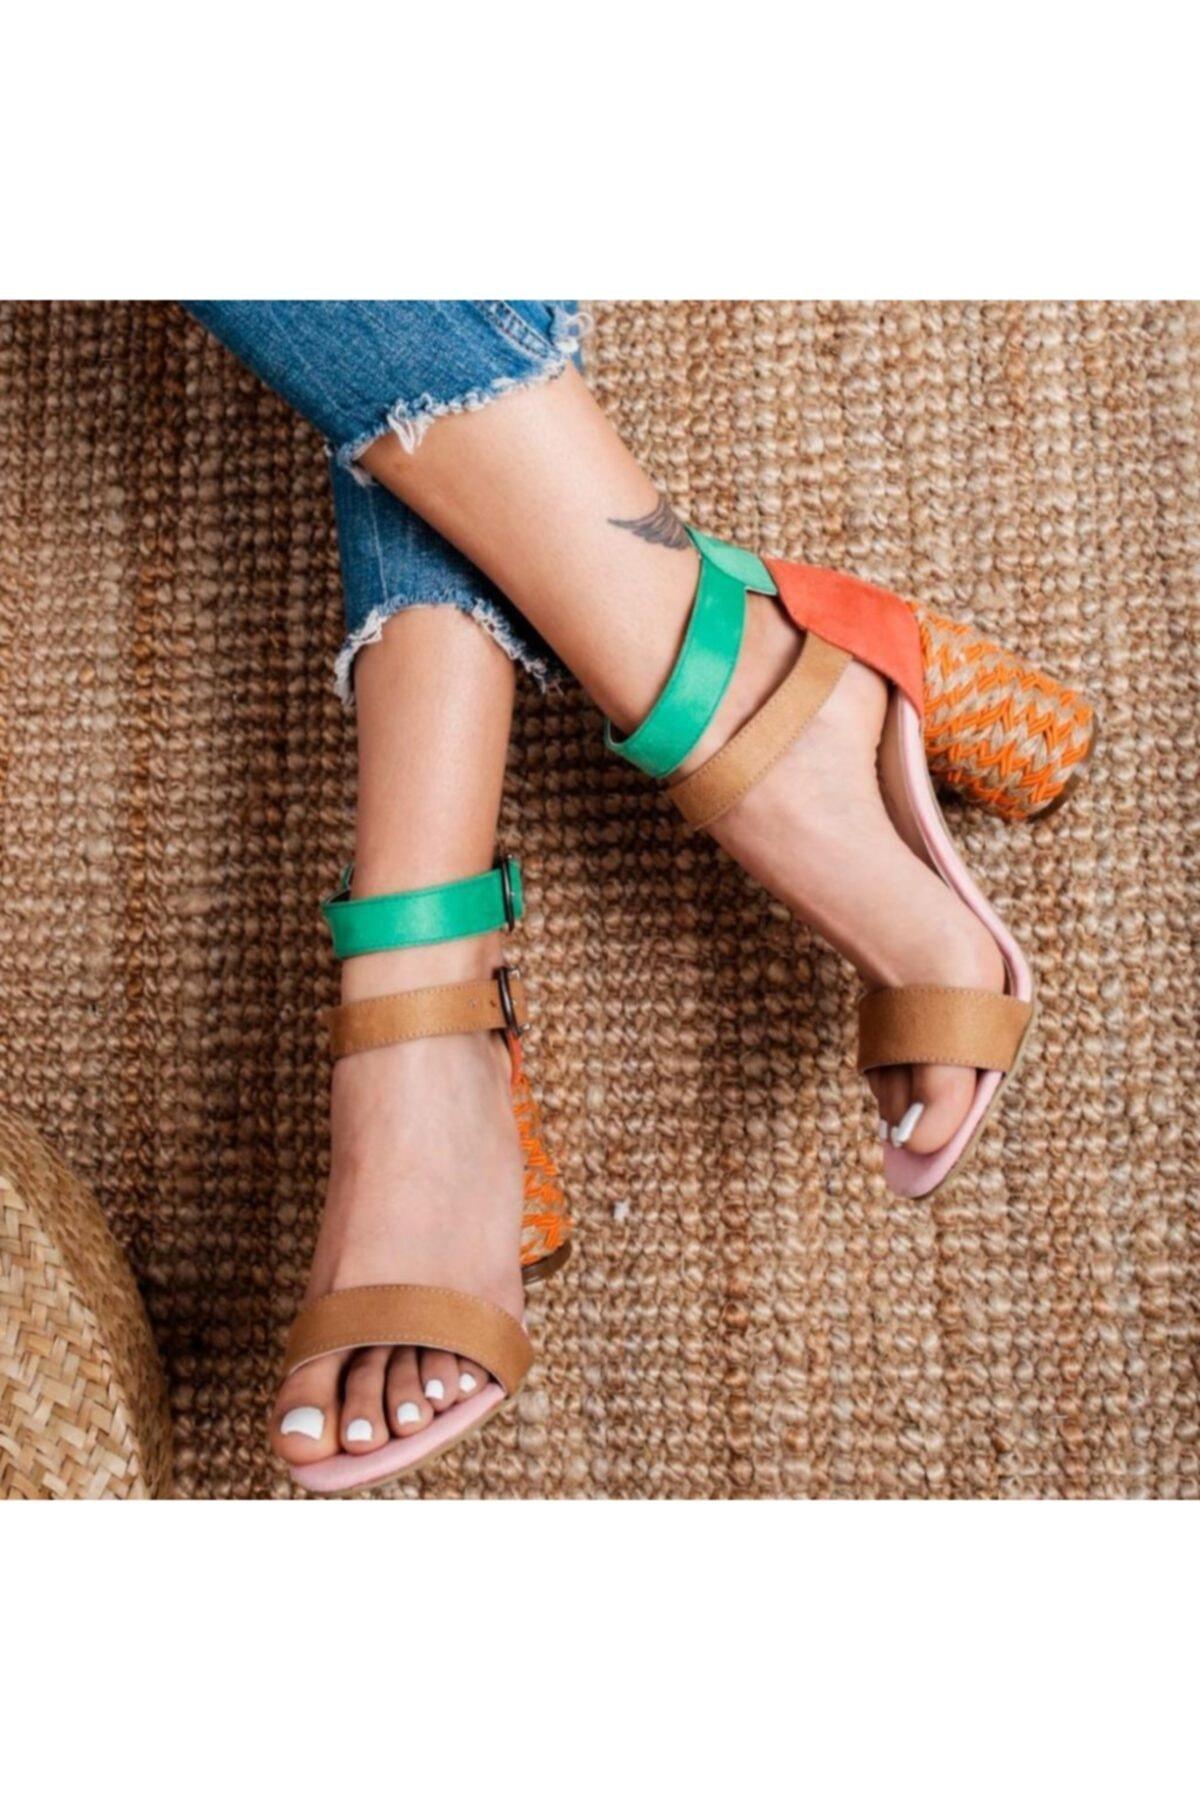 Limoya Galilea Kum Oranj Yeşil Çift Bantlı Gerçek Hasır Topuklu Sandalet 2